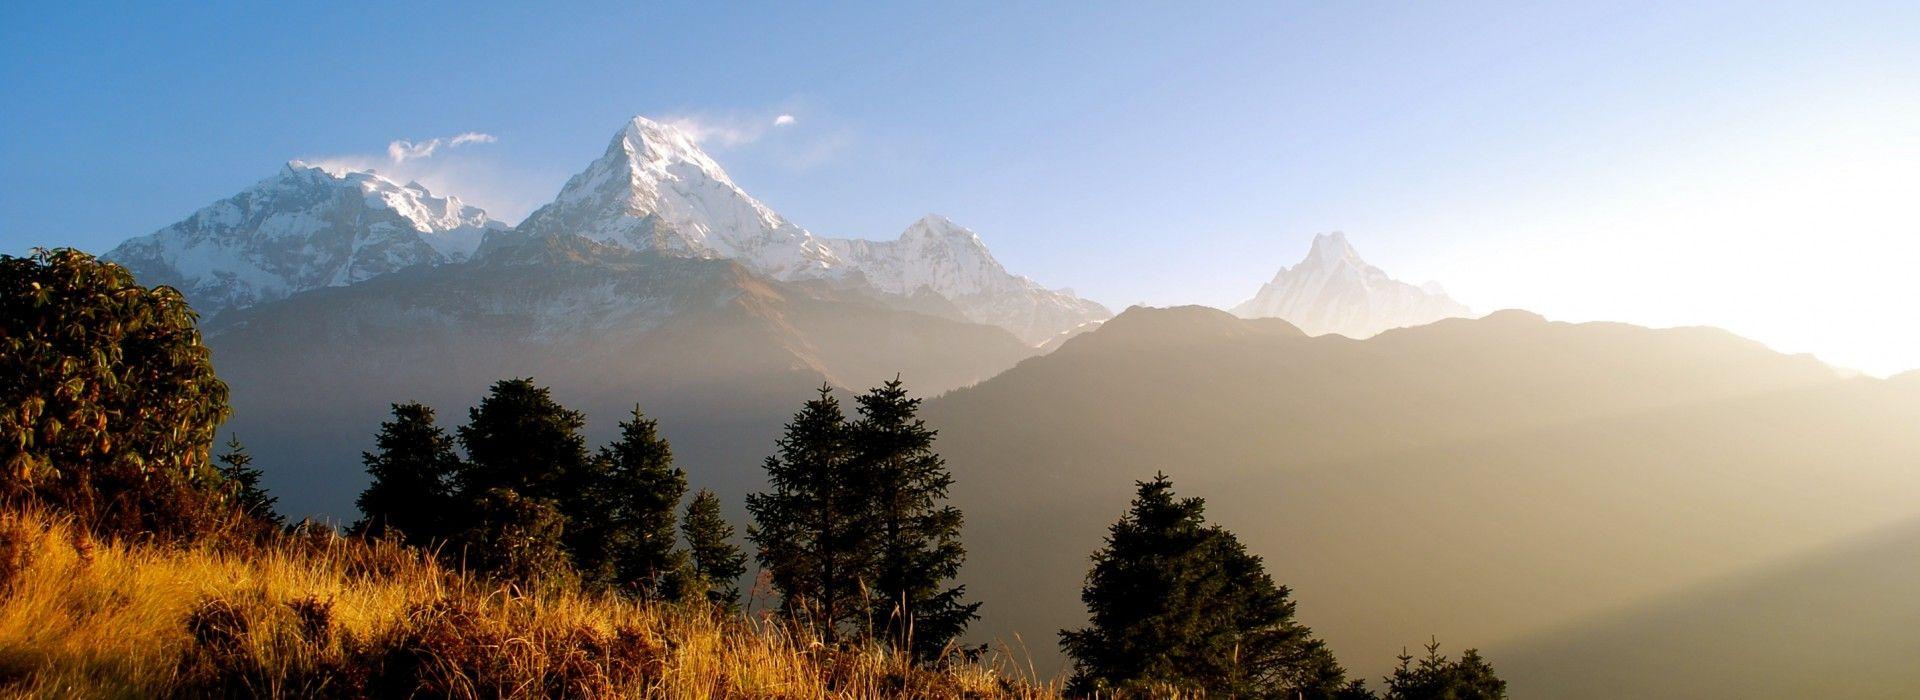 Trekking Tours in Everest Base Camp - 3 Passes trek